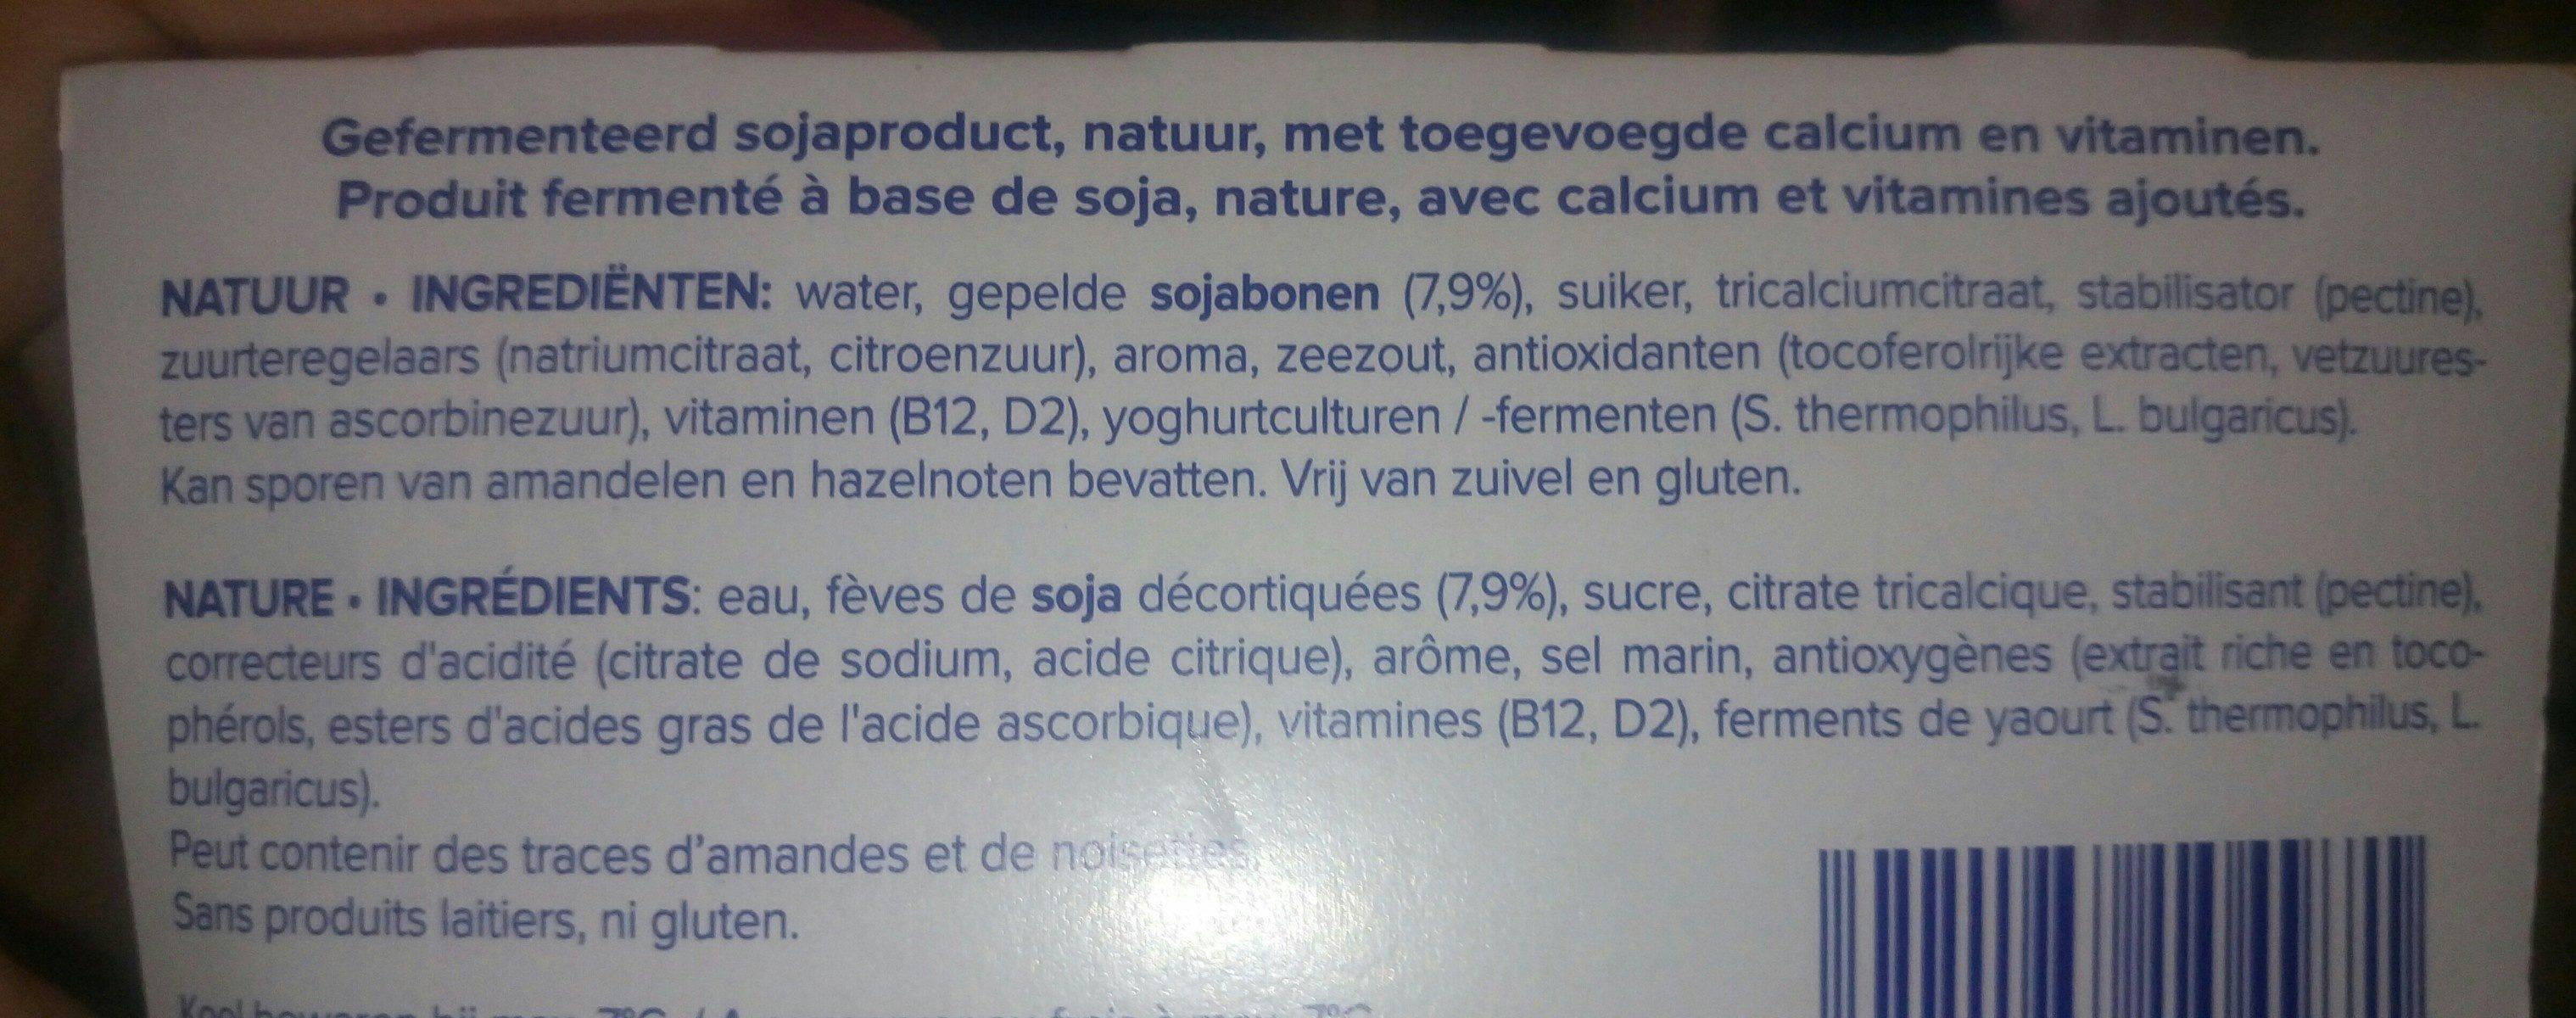 Alpro nature - Ingrediënten